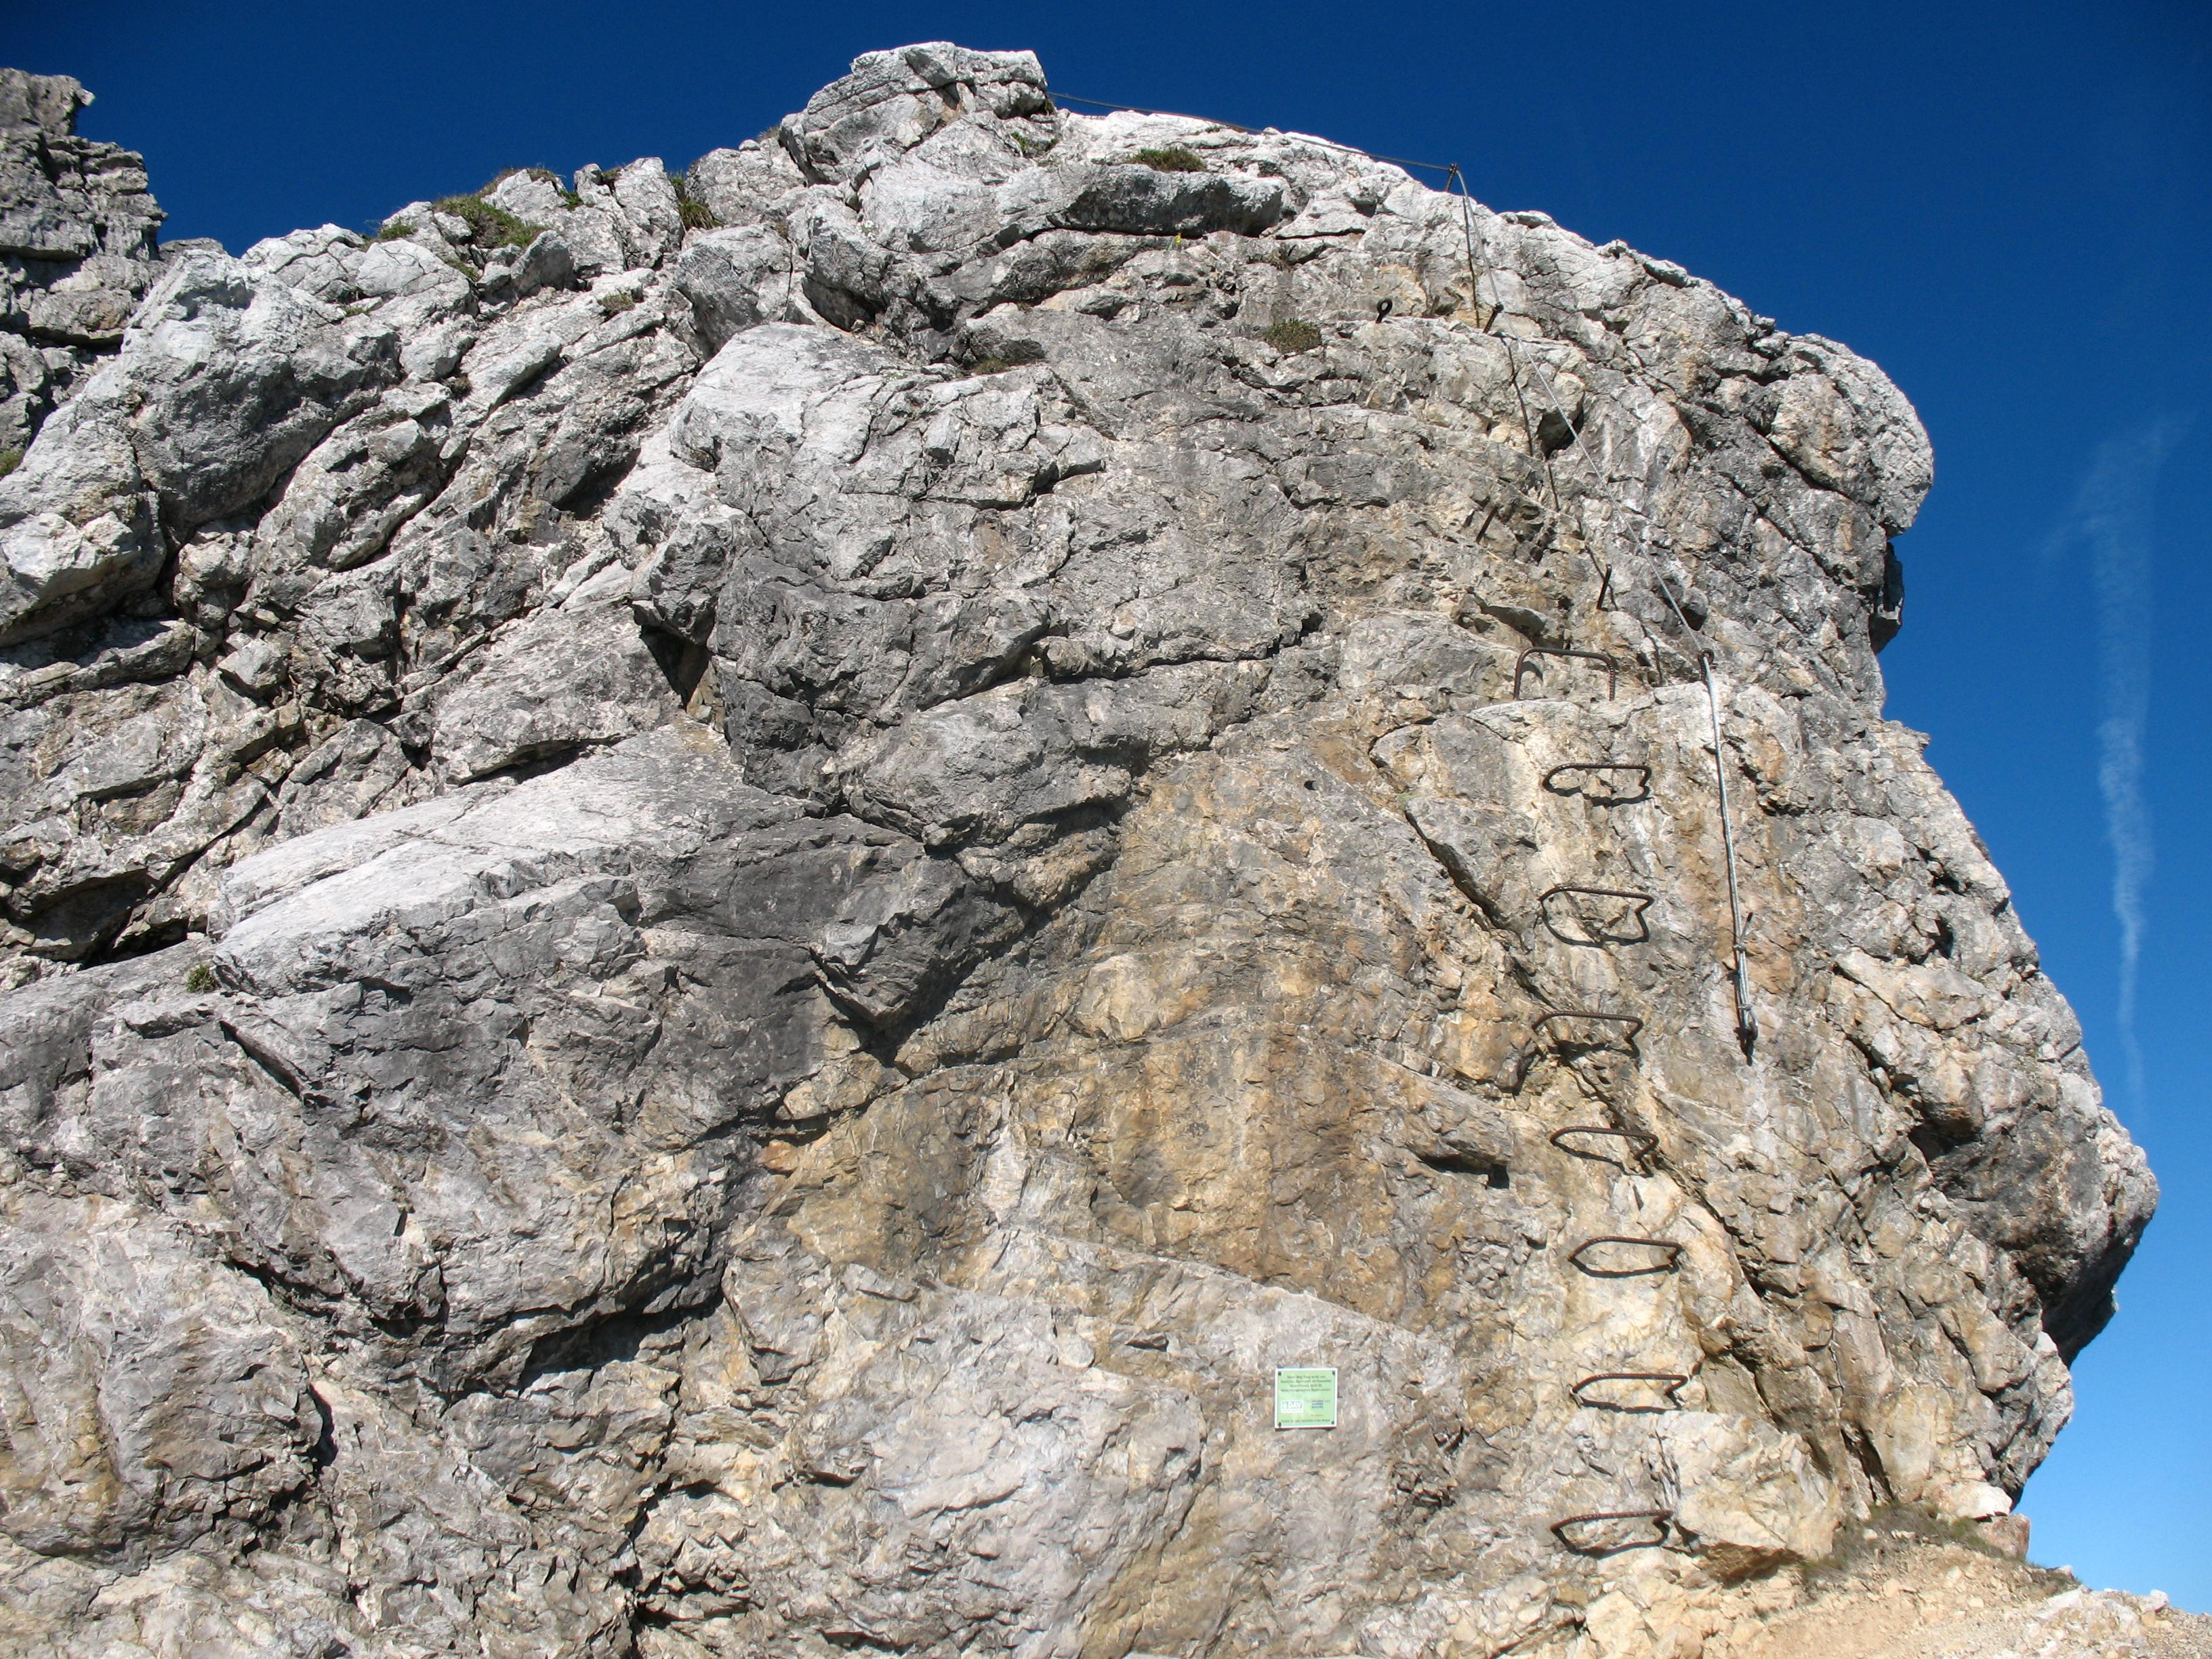 Klettersteig Mindelheimer : Datei mindelheimer klettersteig einstieg g u wikipedia